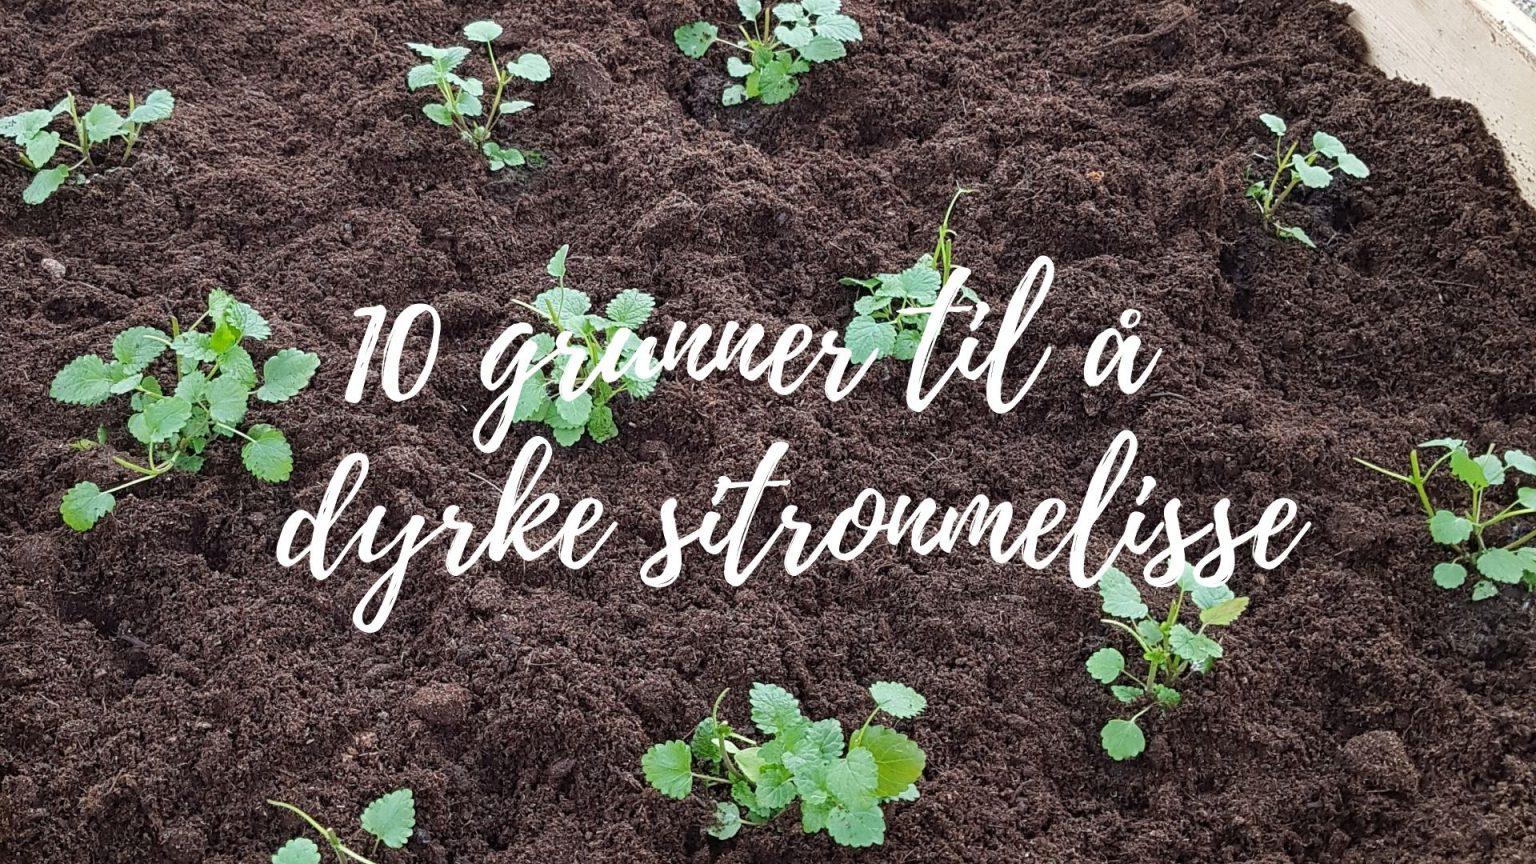 10 grunner til å dyrke Sitronmelisse